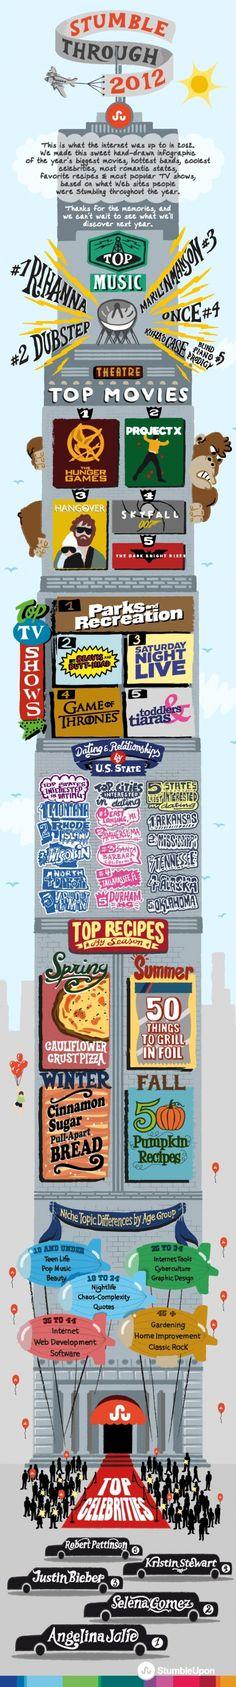 De meest besproken onderwerpen op StumbleUpon in 2012 [Infographic]